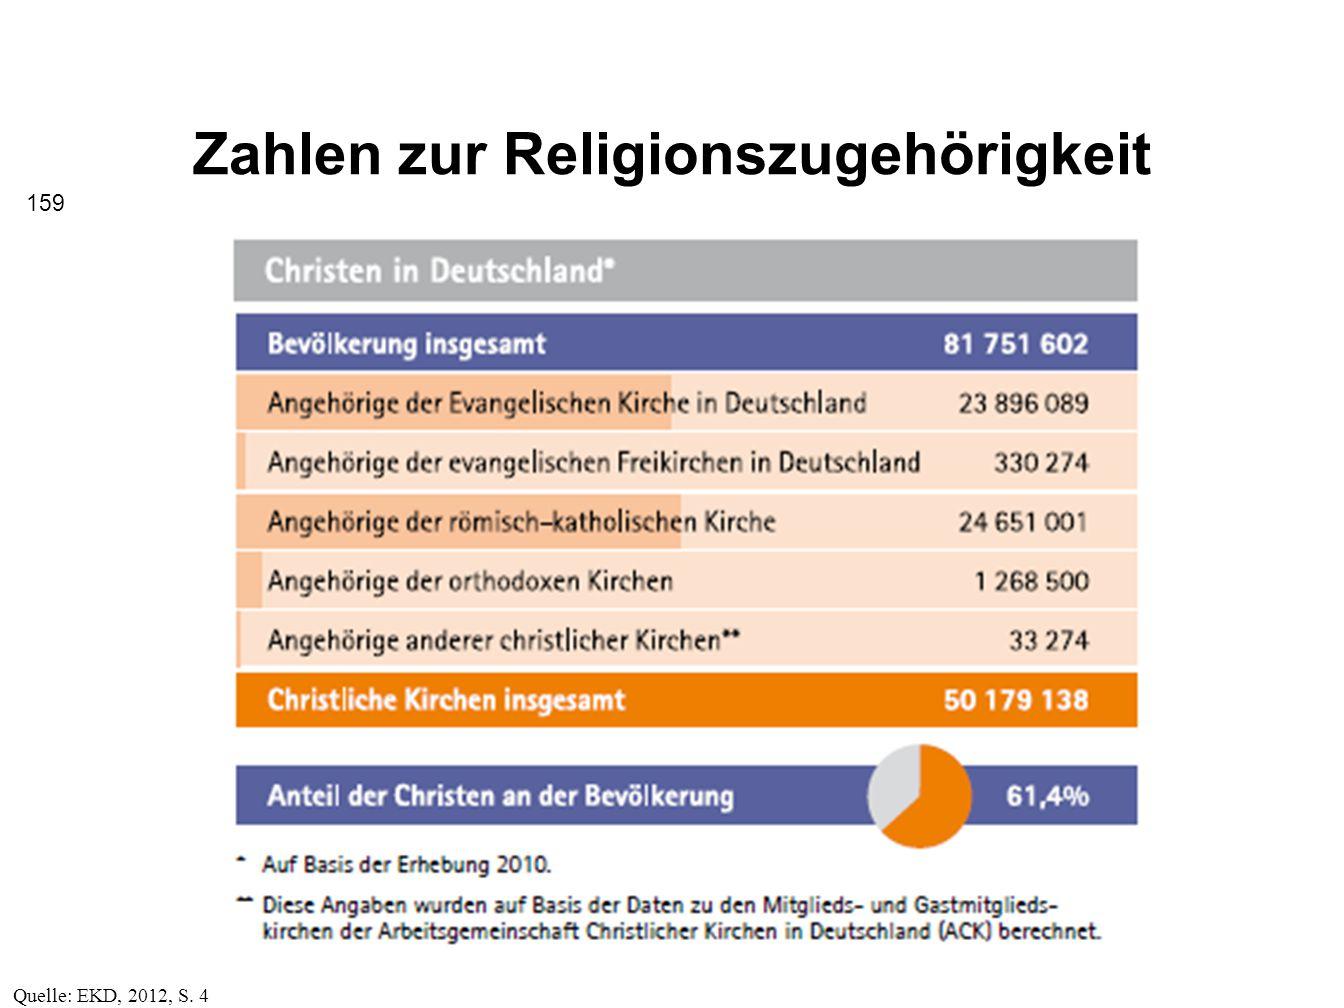 Zahlen zur Religionszugehörigkeit